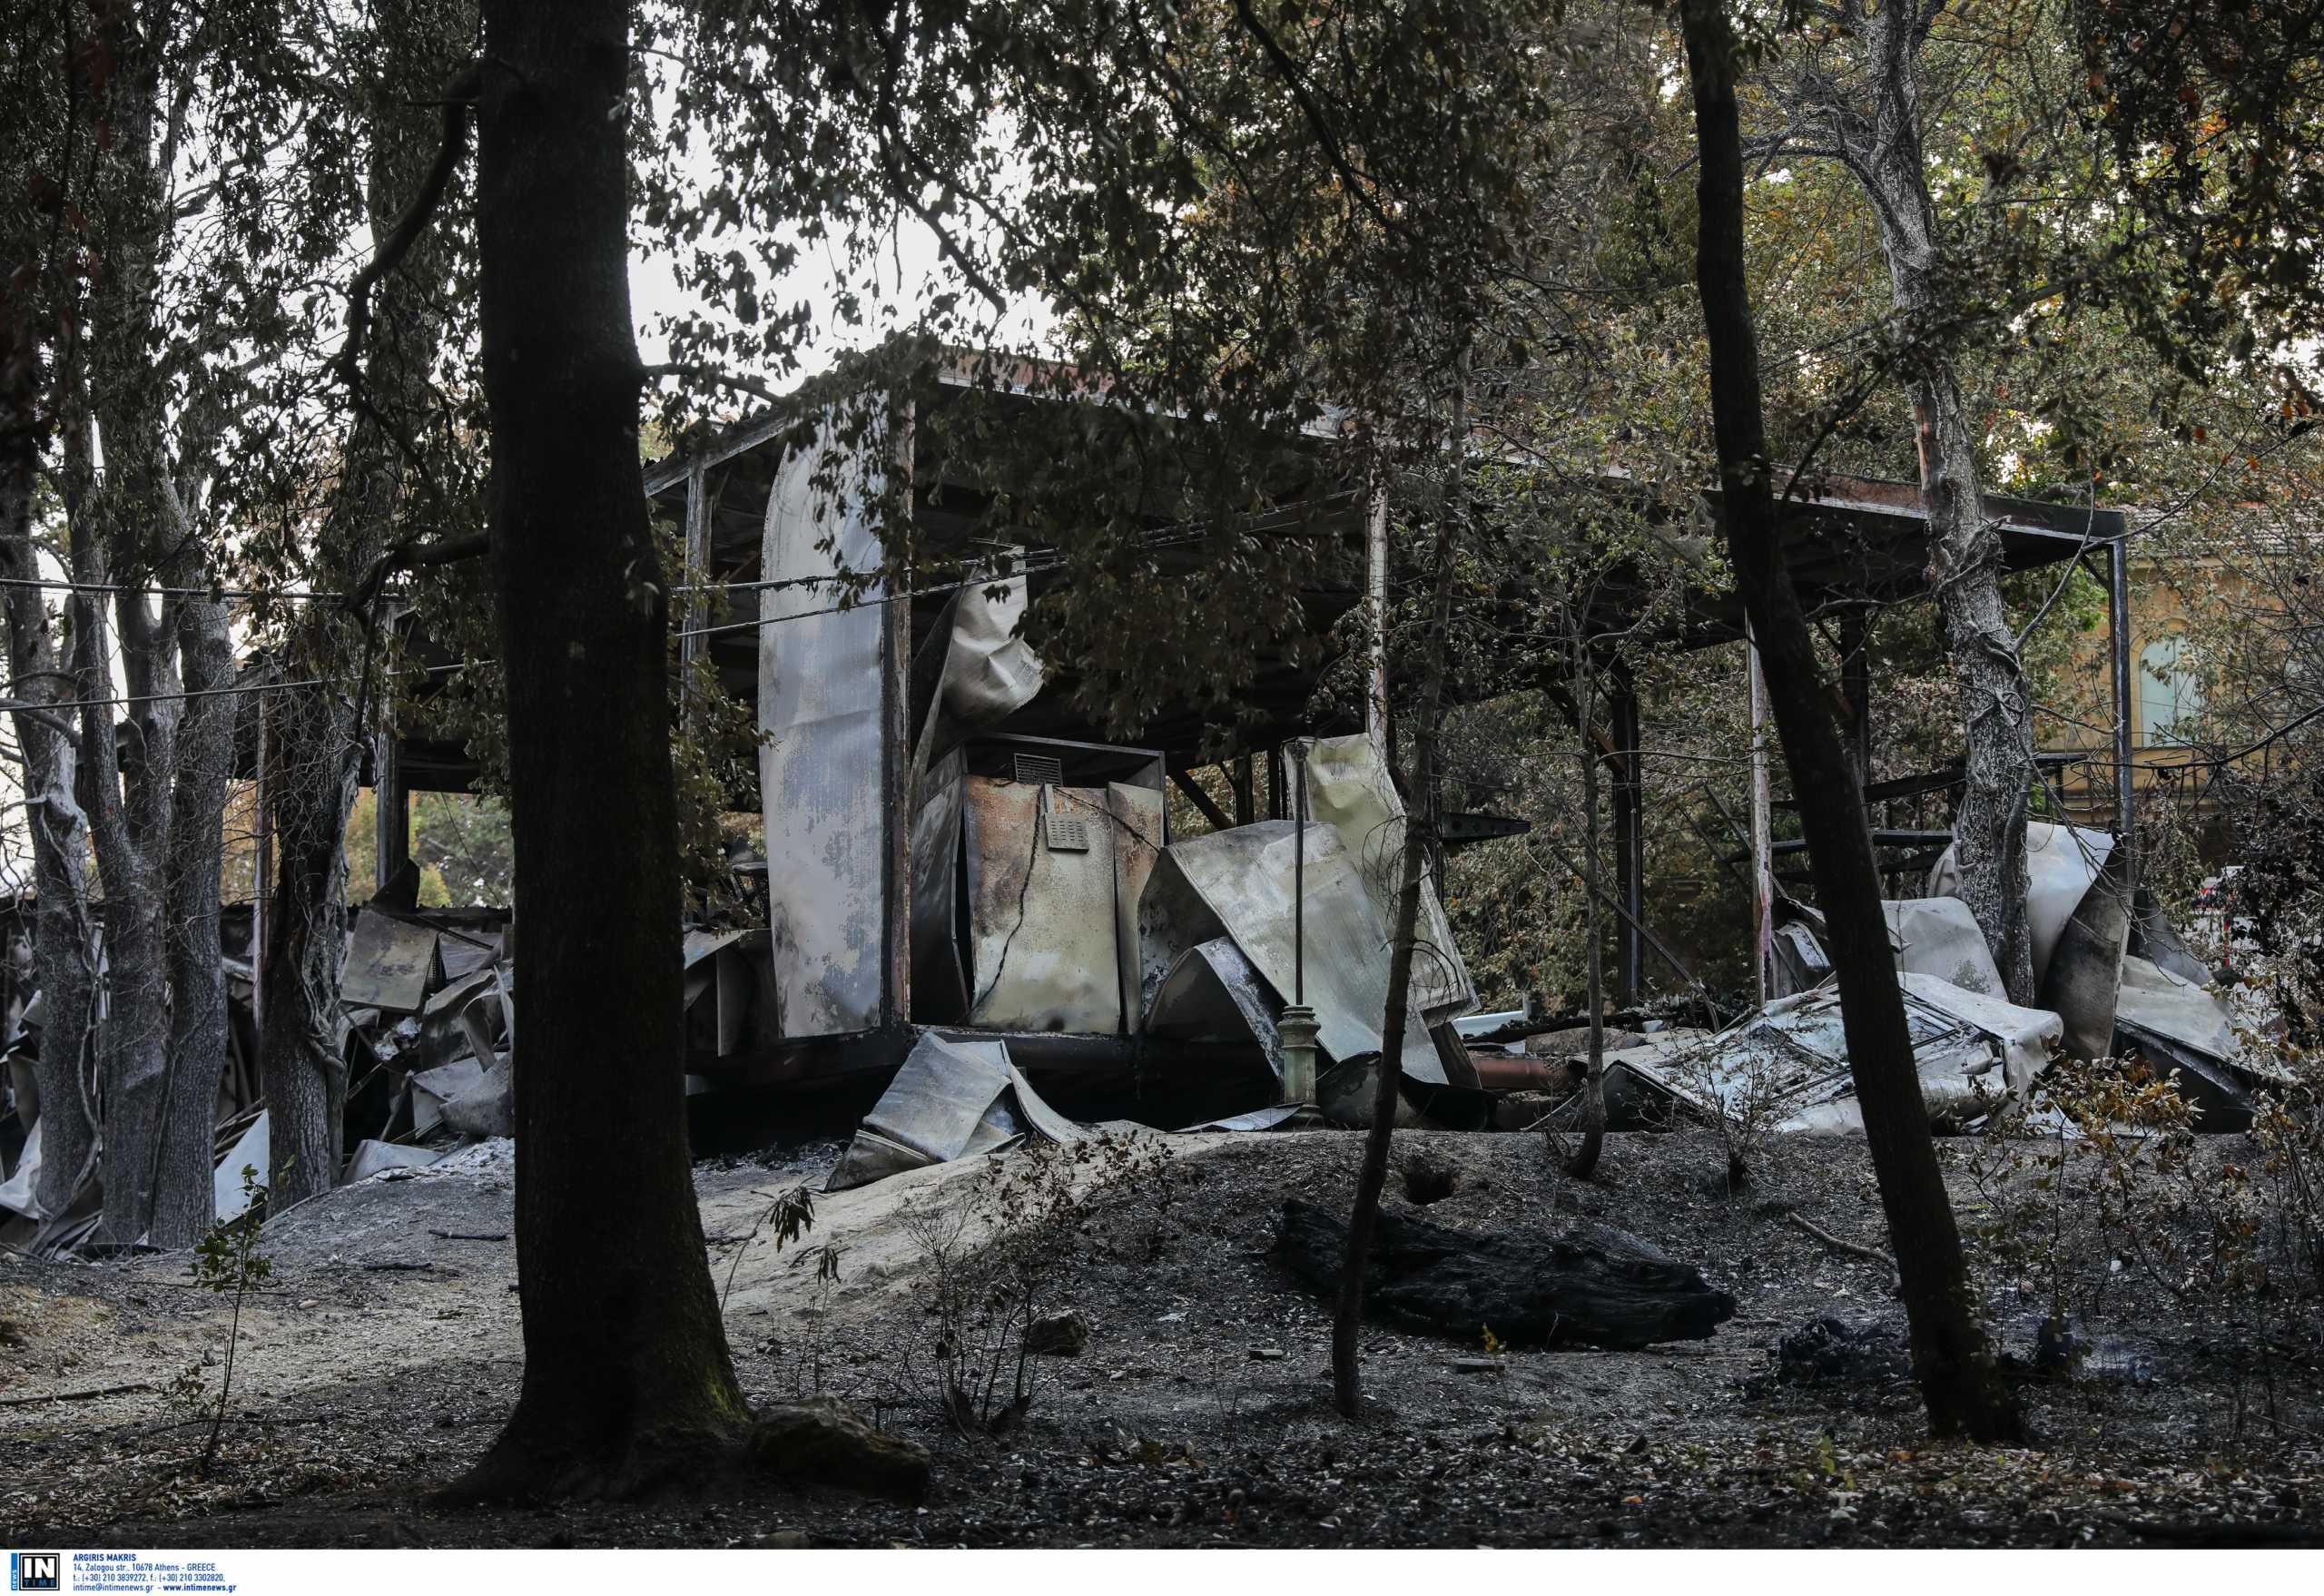 Τατόι: Τεράστια καταστροφή στο κτήμα των Βασιλικών Ανακτόρων